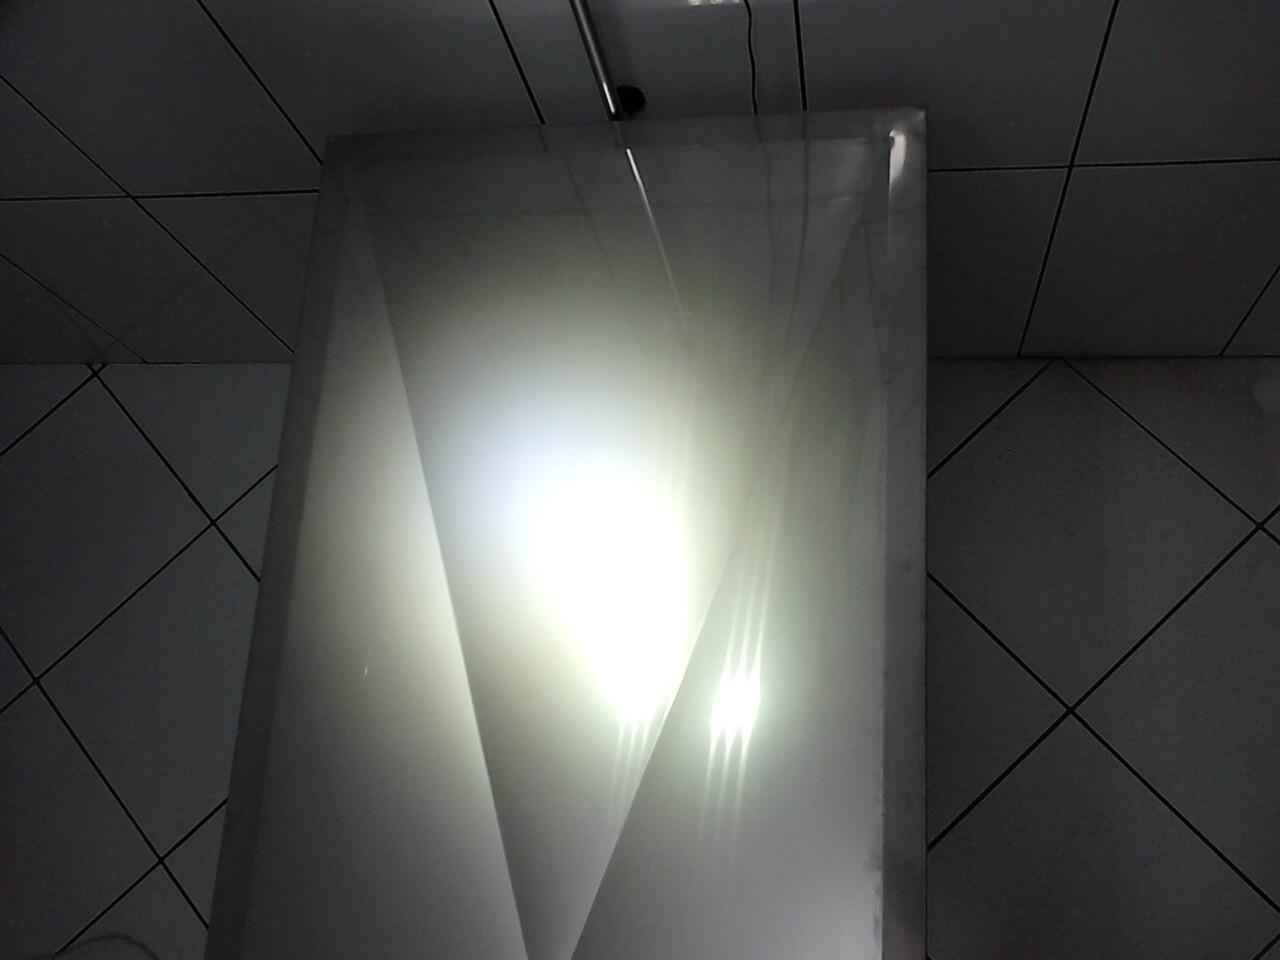 Foco Cirúrgico de 6 LEDs - Pedestal Vet - DELTA LIFE - Cód: DL5001